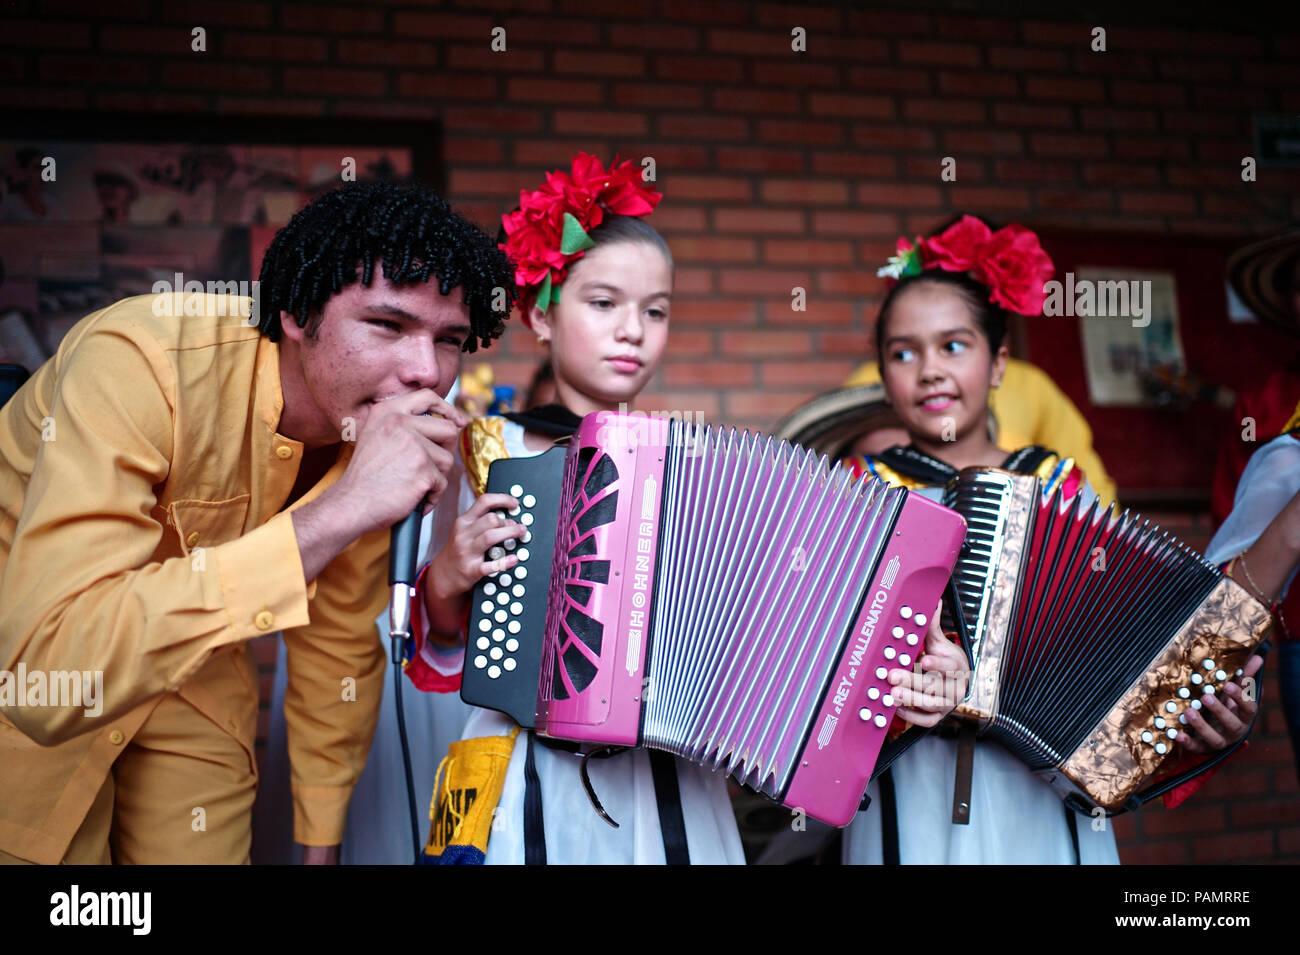 Andres' 'Turco Gil Akkordeon Akademie bildet junge Kinder in der Musik von Vallenato, viele von ihnen sind Flüchtlinge aus Gewalt oder in Armut leben Stockfoto